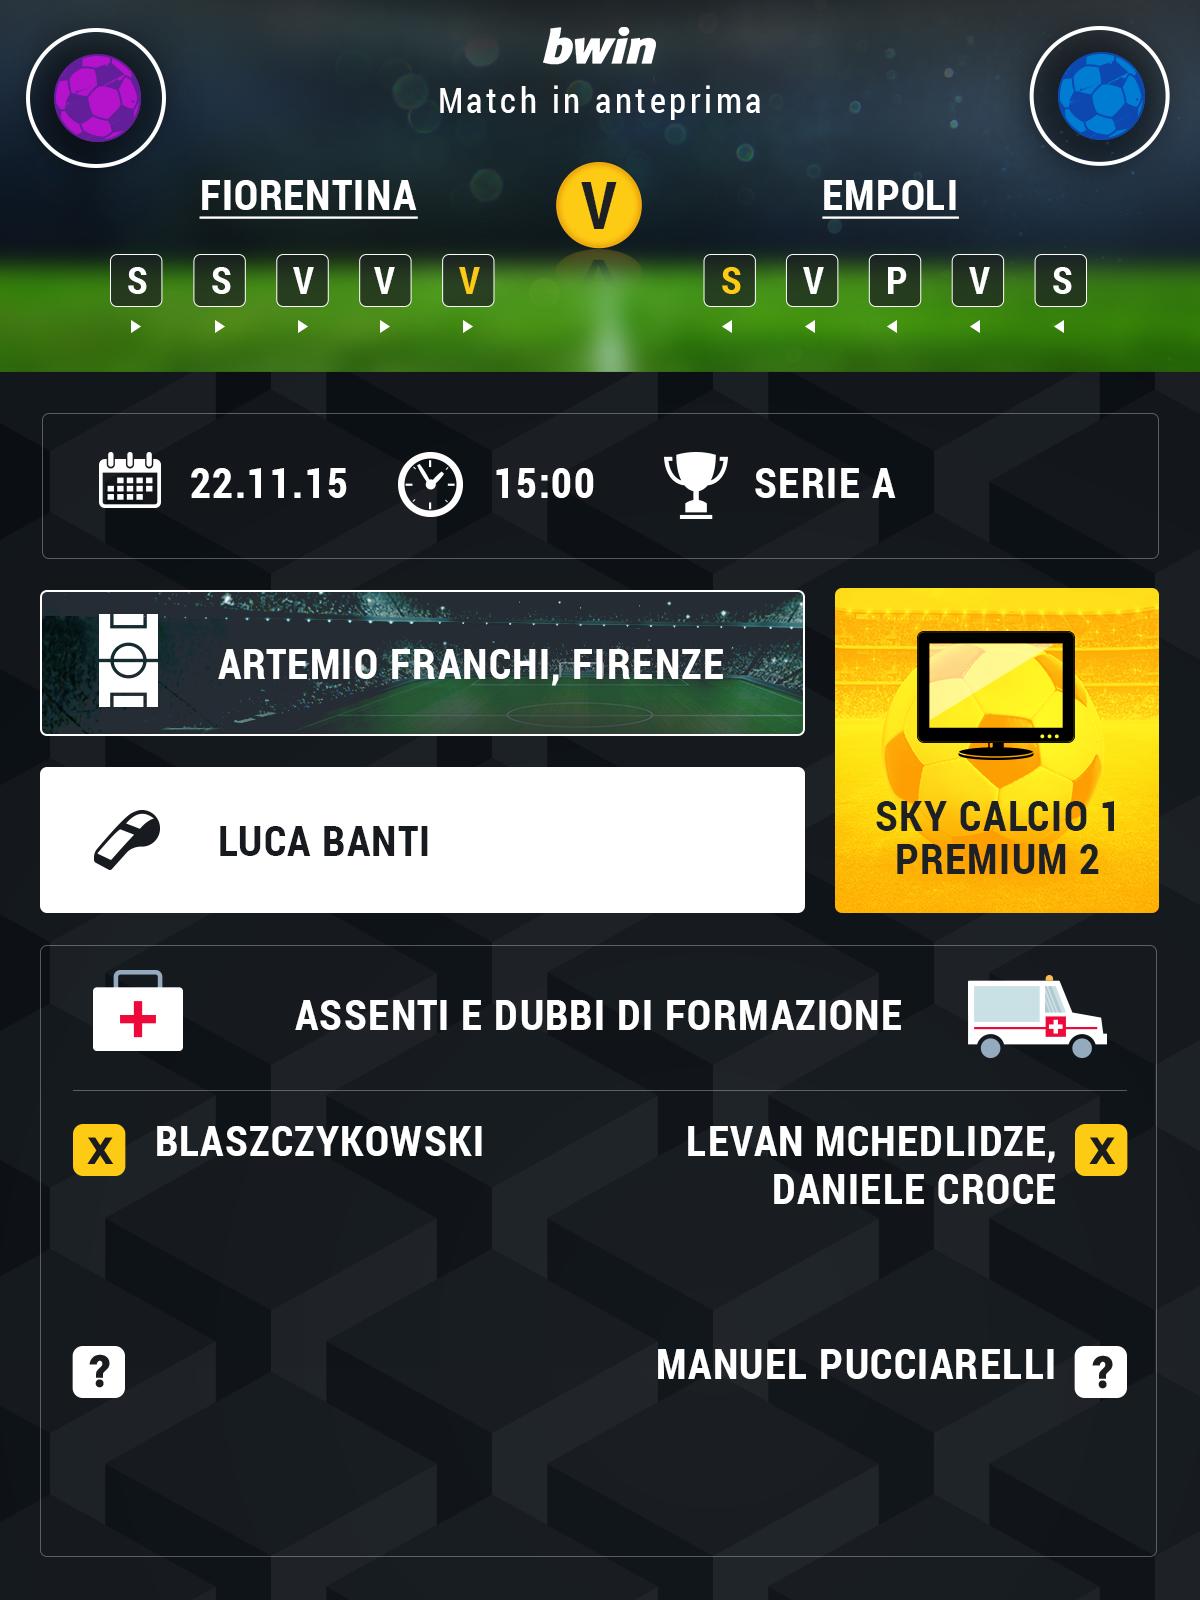 Fiorentina_Empoli_Preview